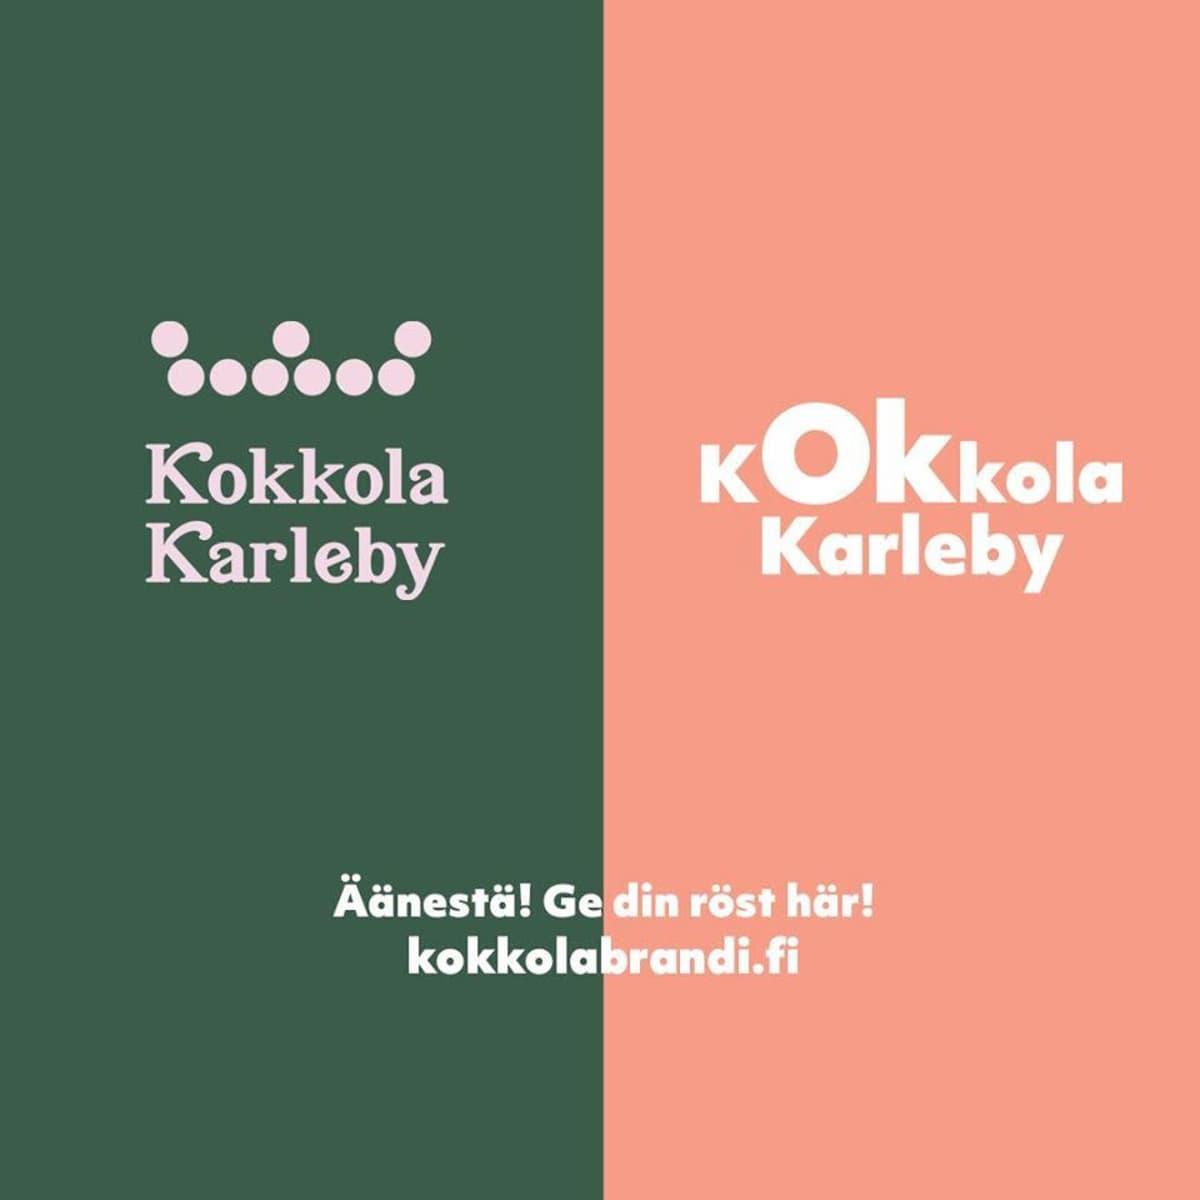 Ehdotukset Kokkolan kaupungin uudeksi ilmeeksi.